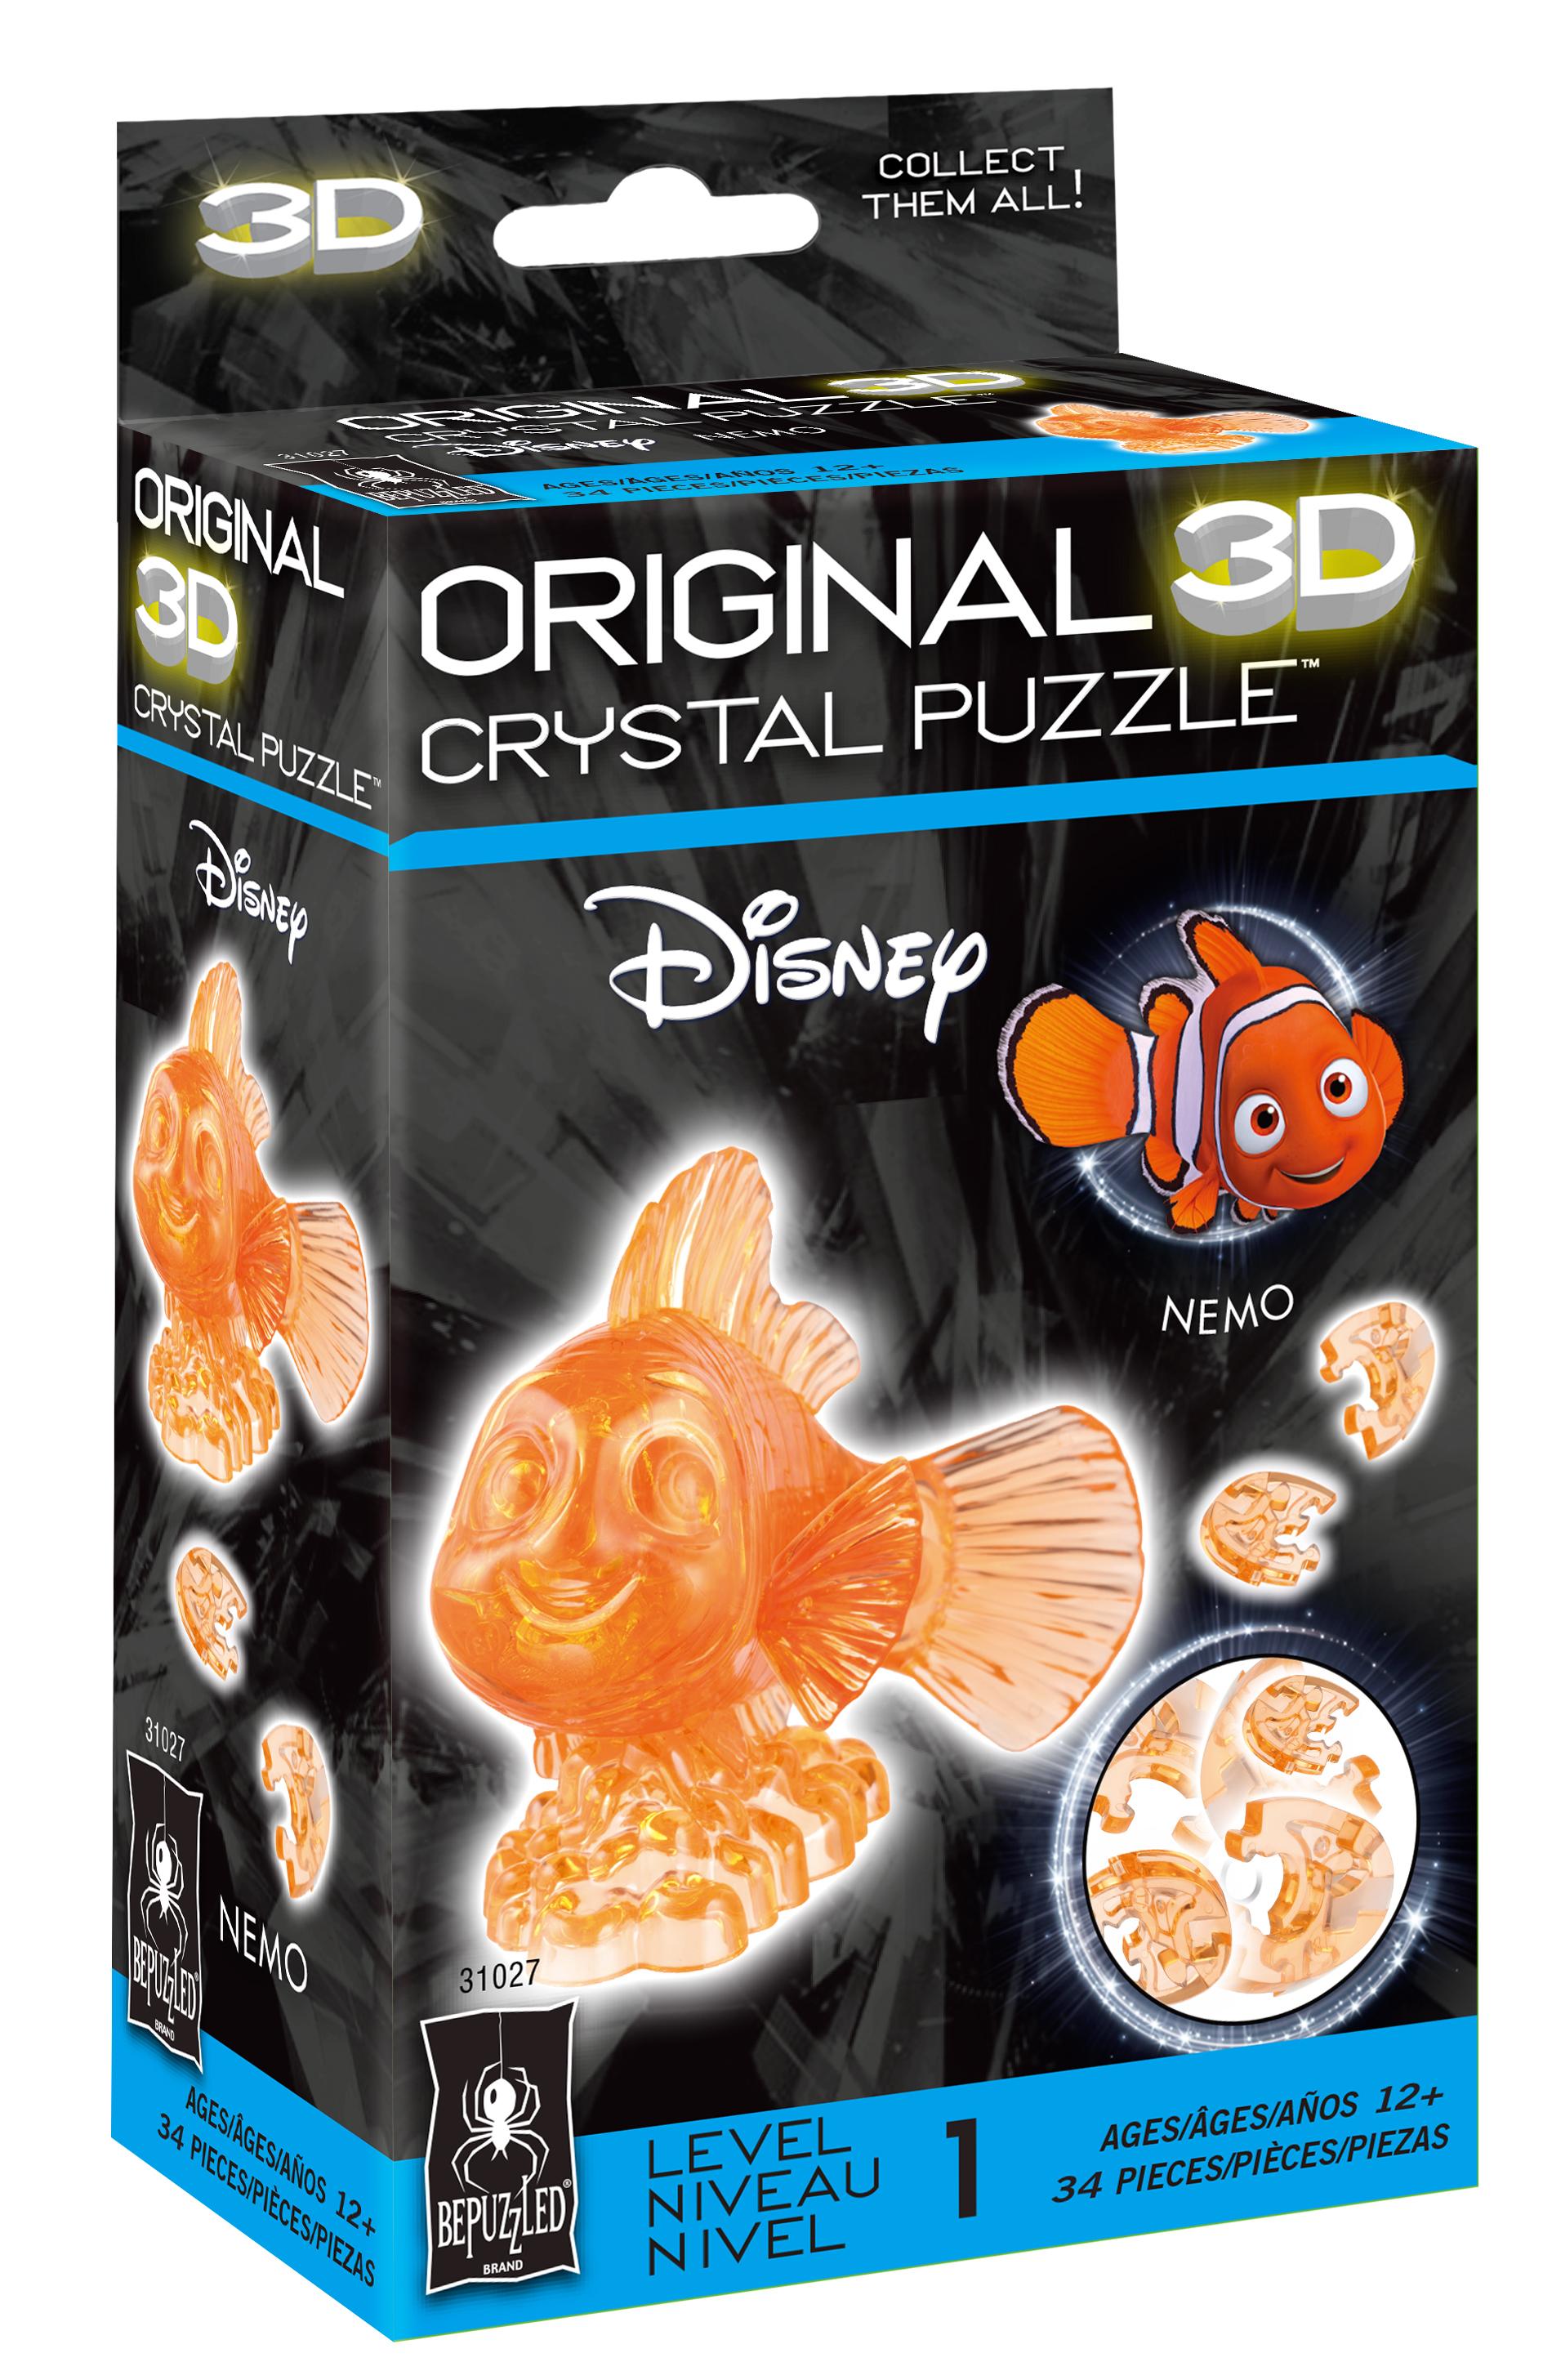 31027 Nemo Pkg